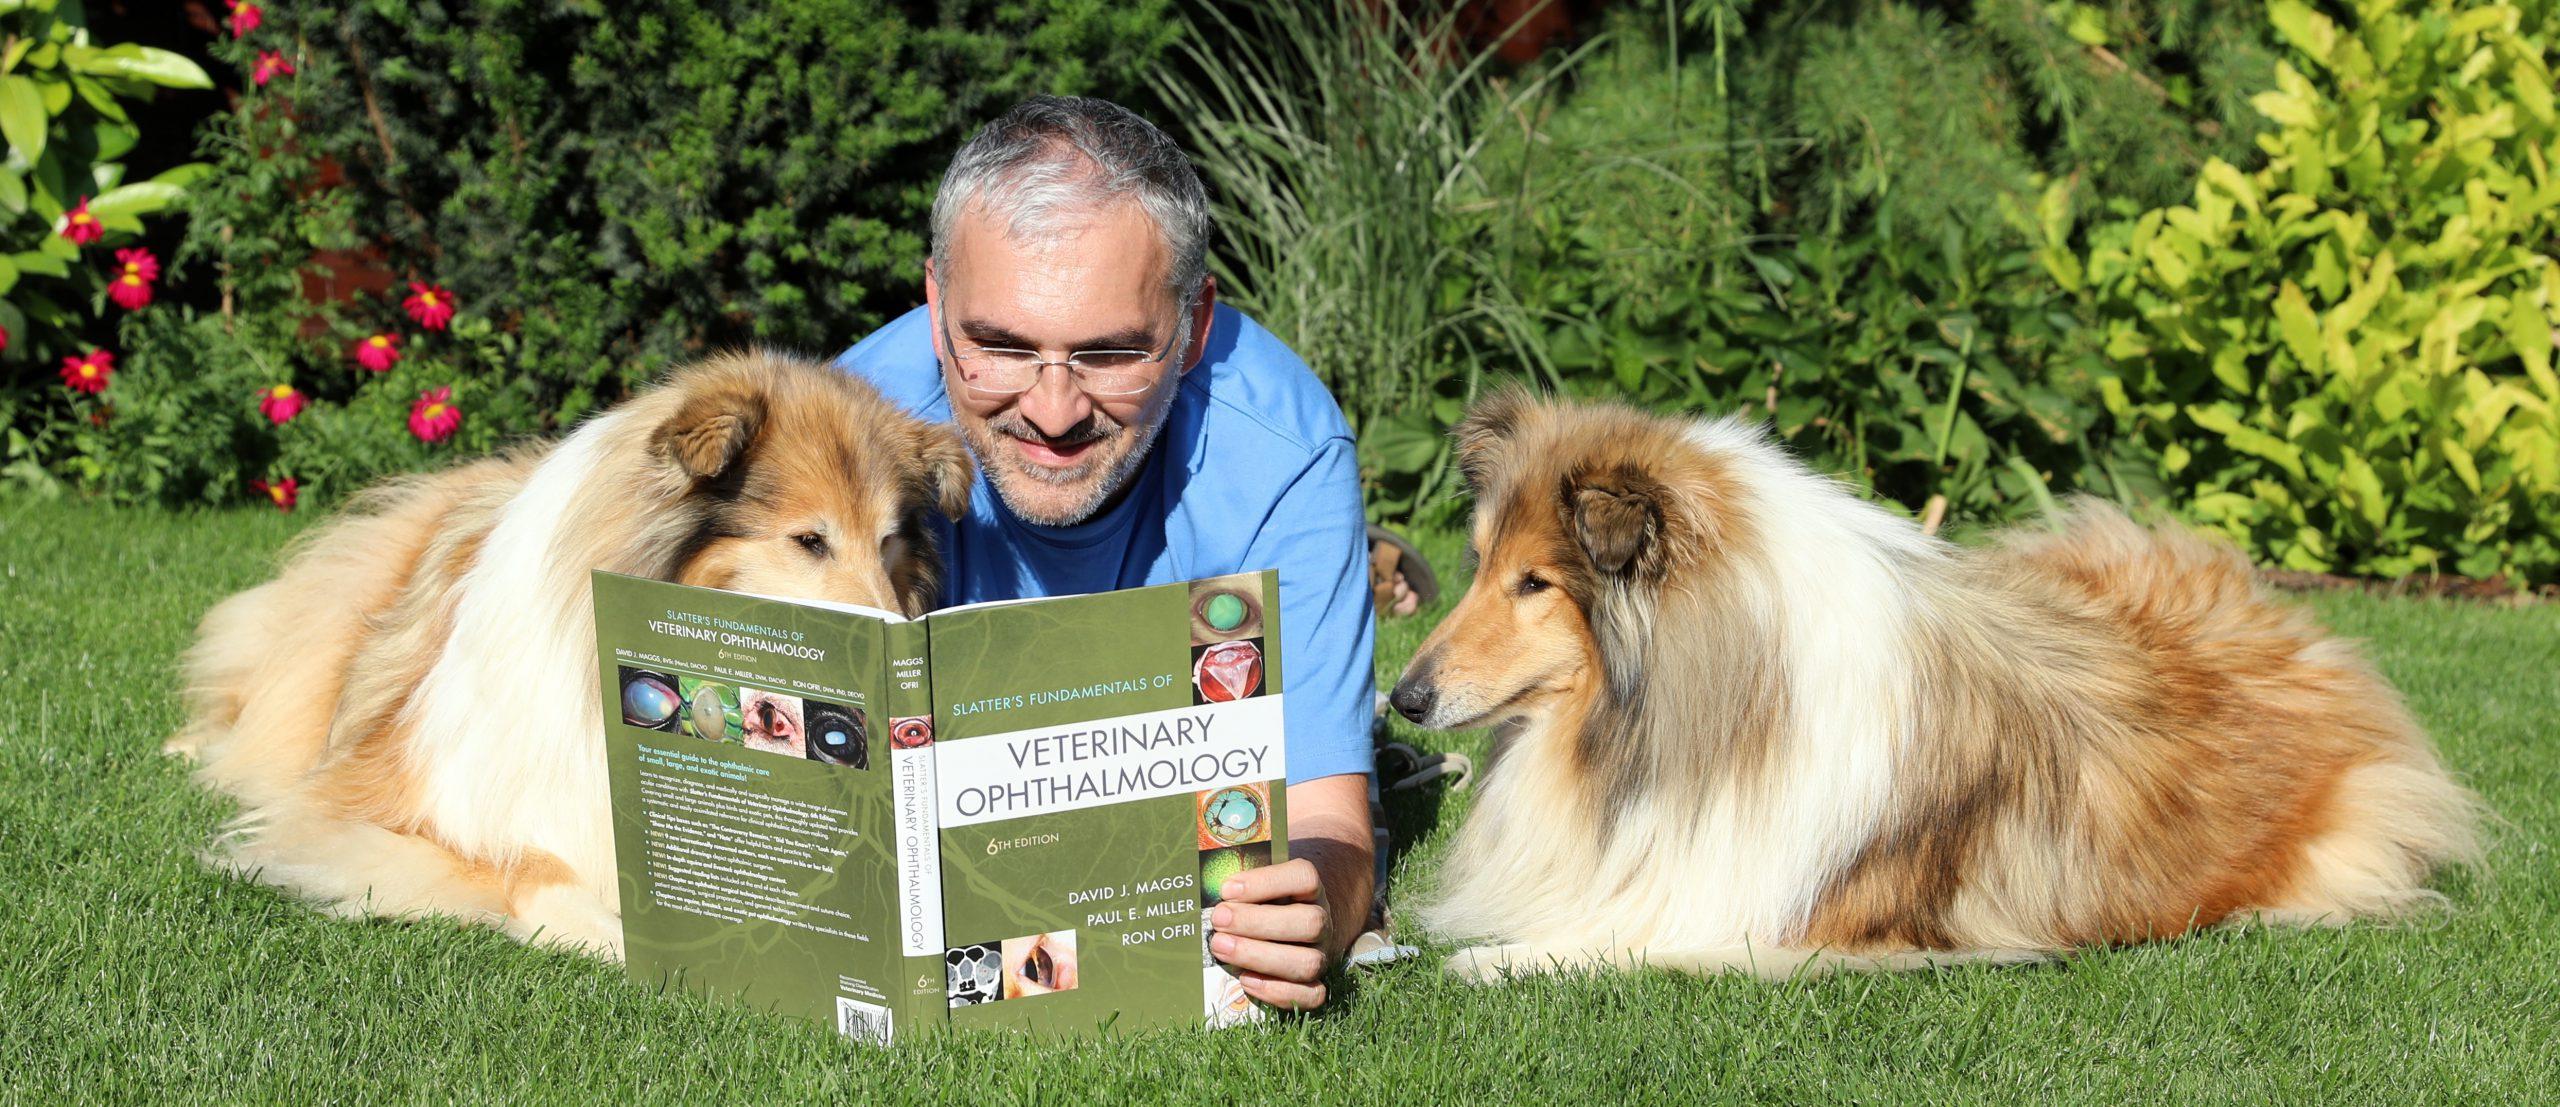 MVDr. Pavol Zubrický, Veterinárny oftalmológ, očný špecialista, vyšetrenie očí, pes, mačka